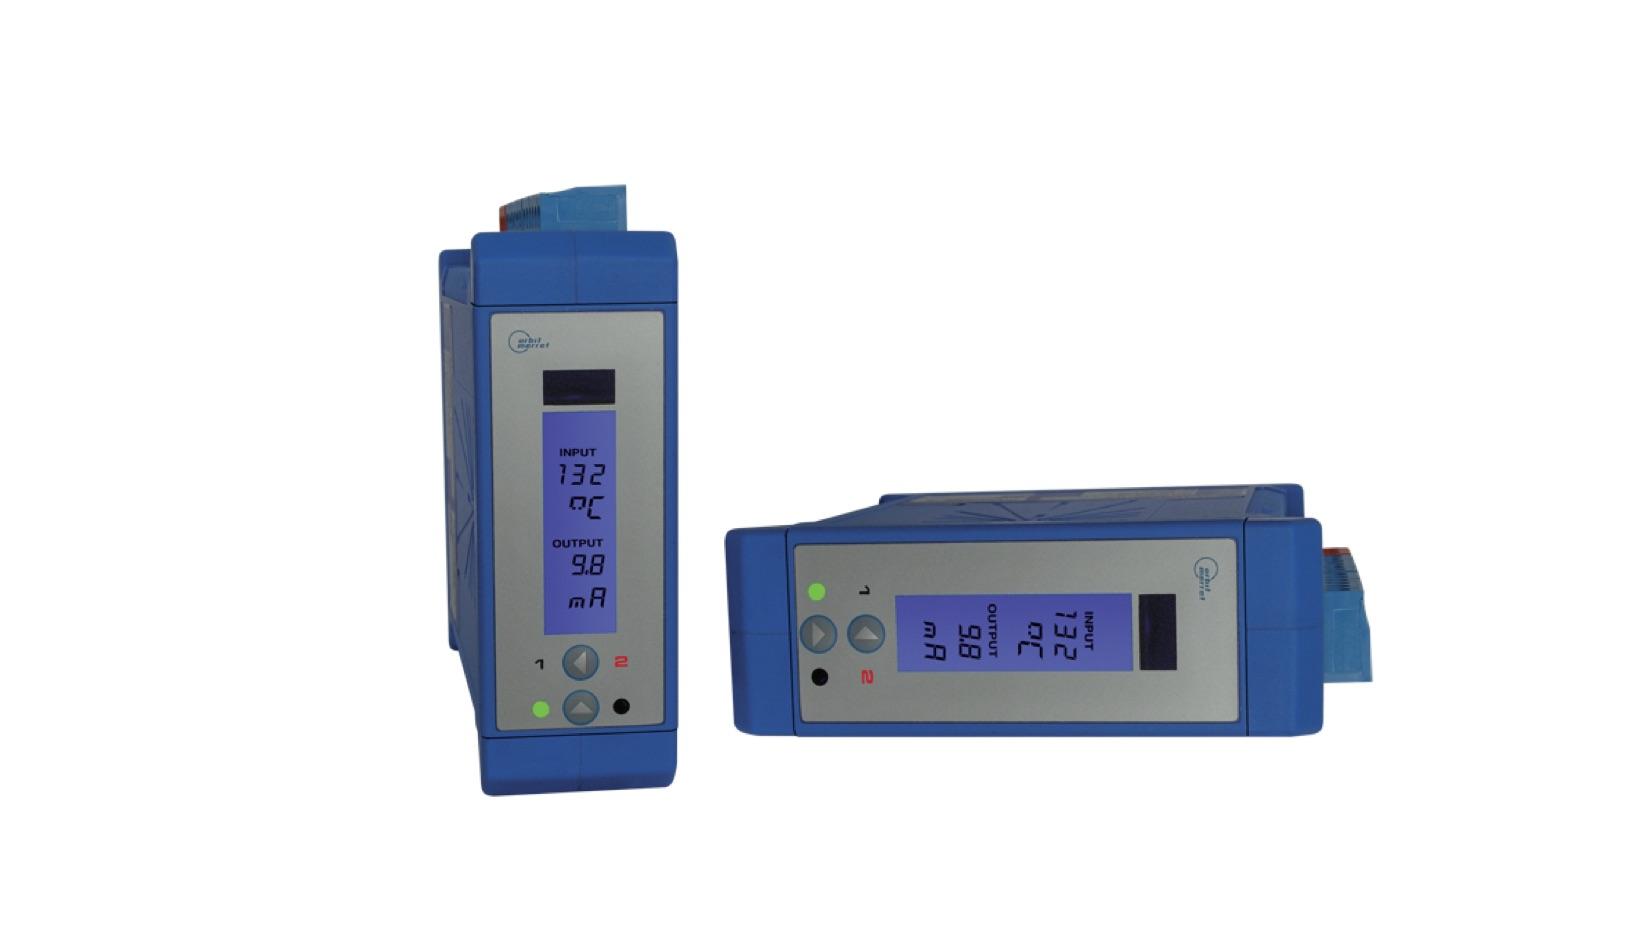 Bộ cách ly tín hiệu dòng 4-20ma OMX102UNI